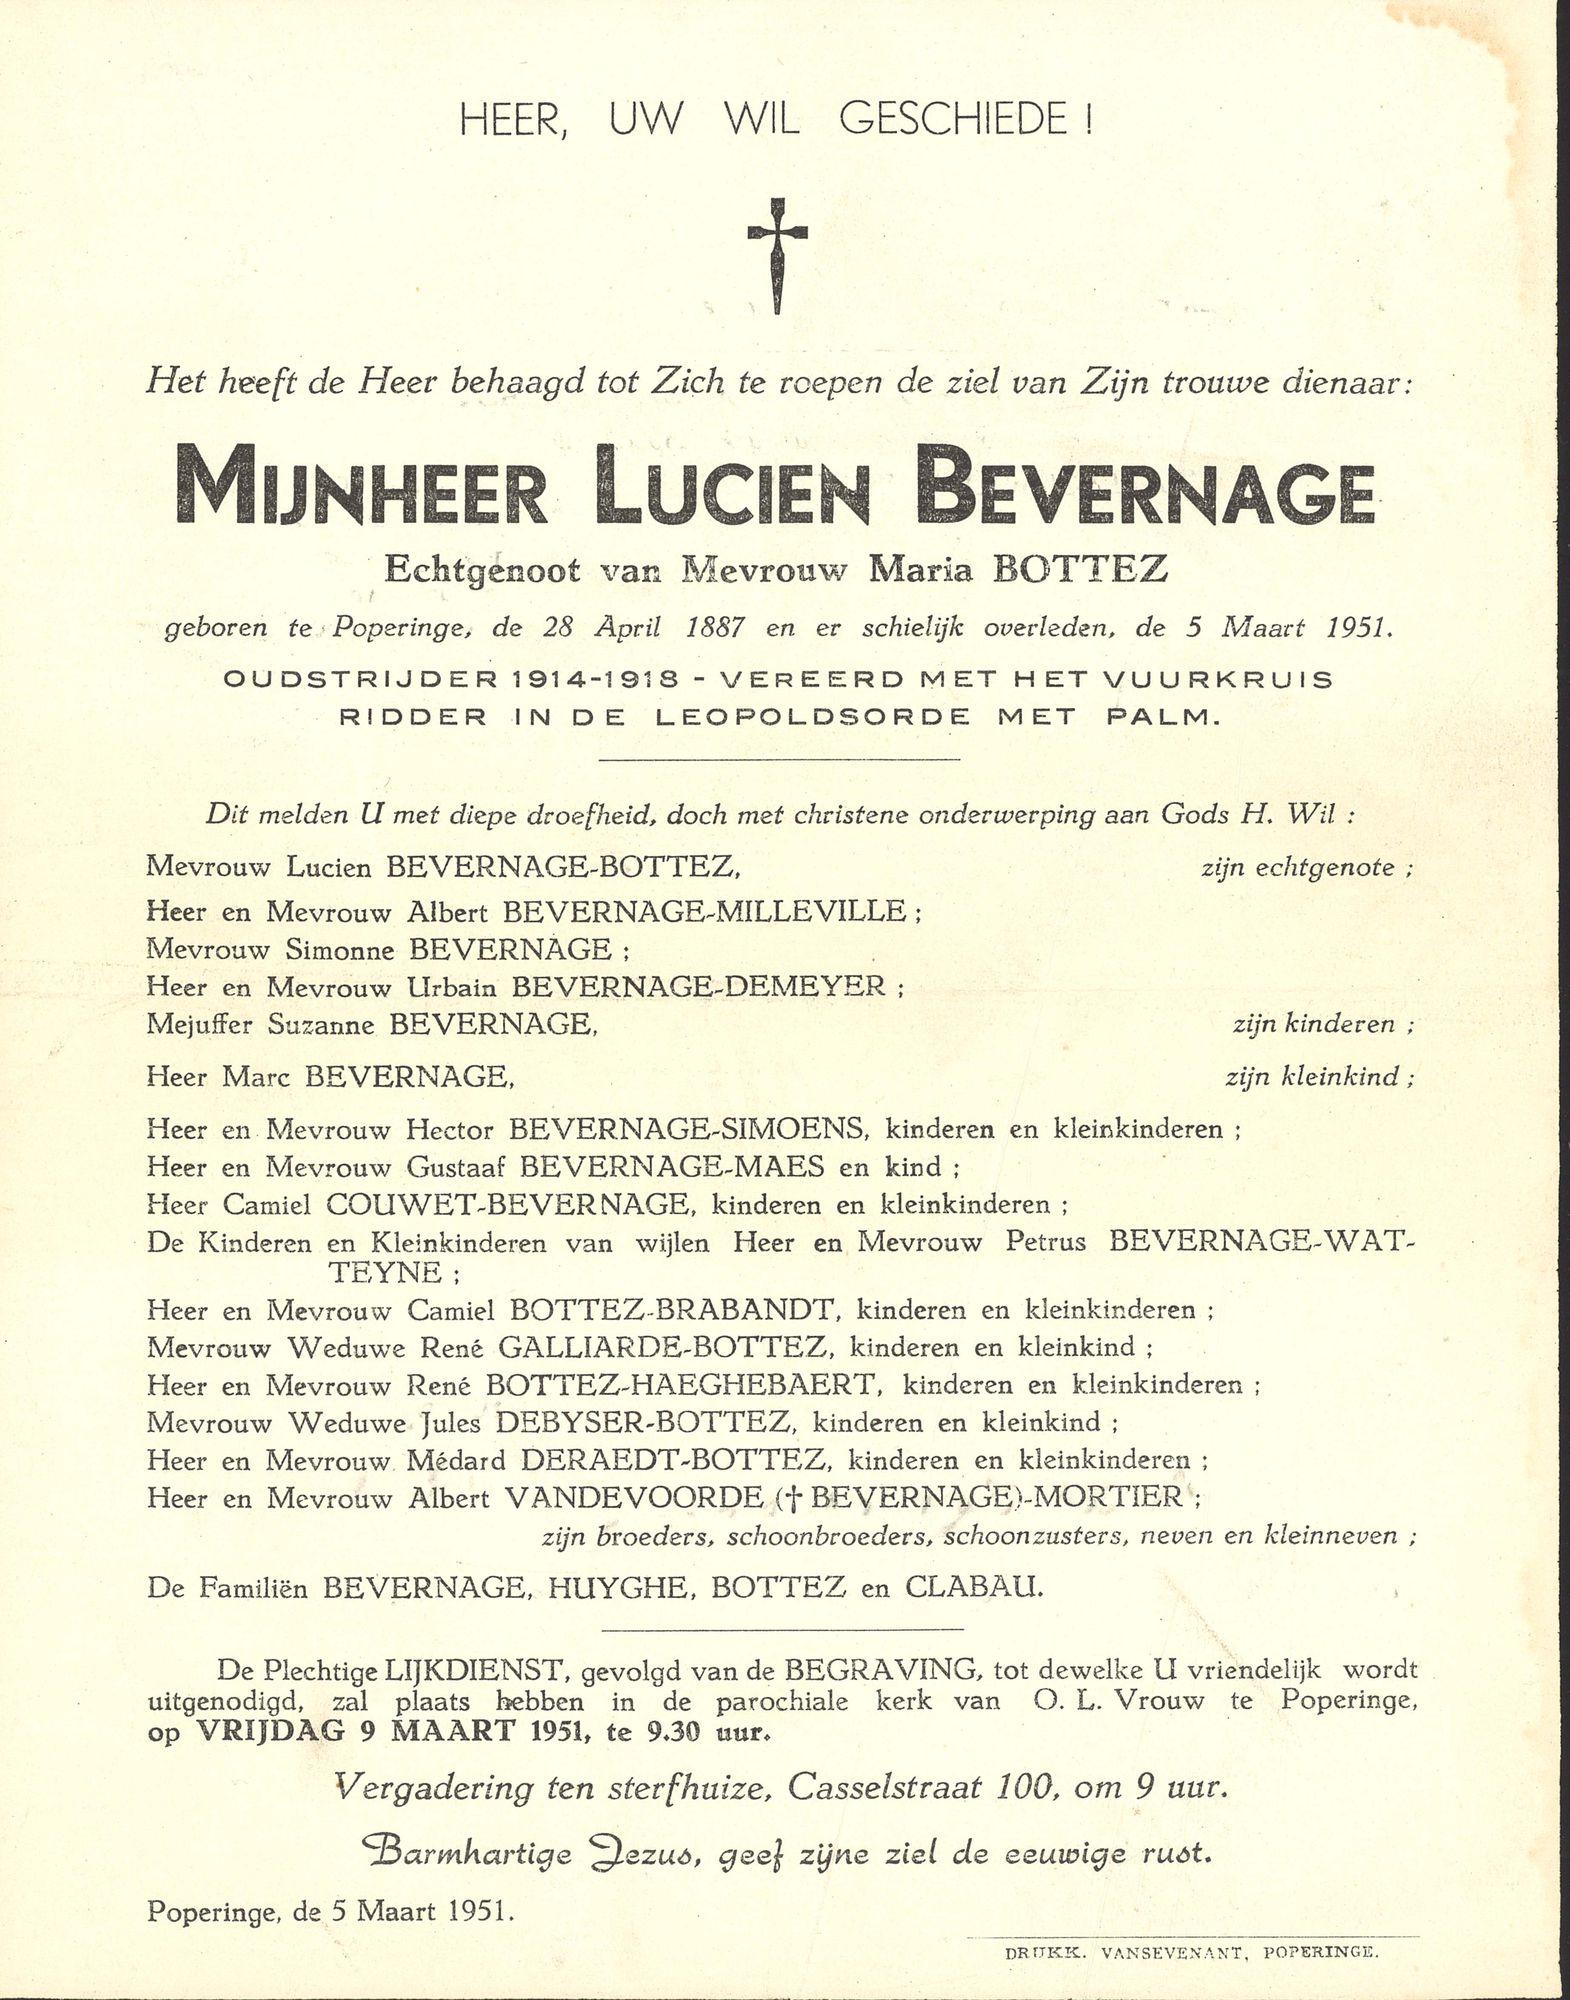 Lucien Bevernage